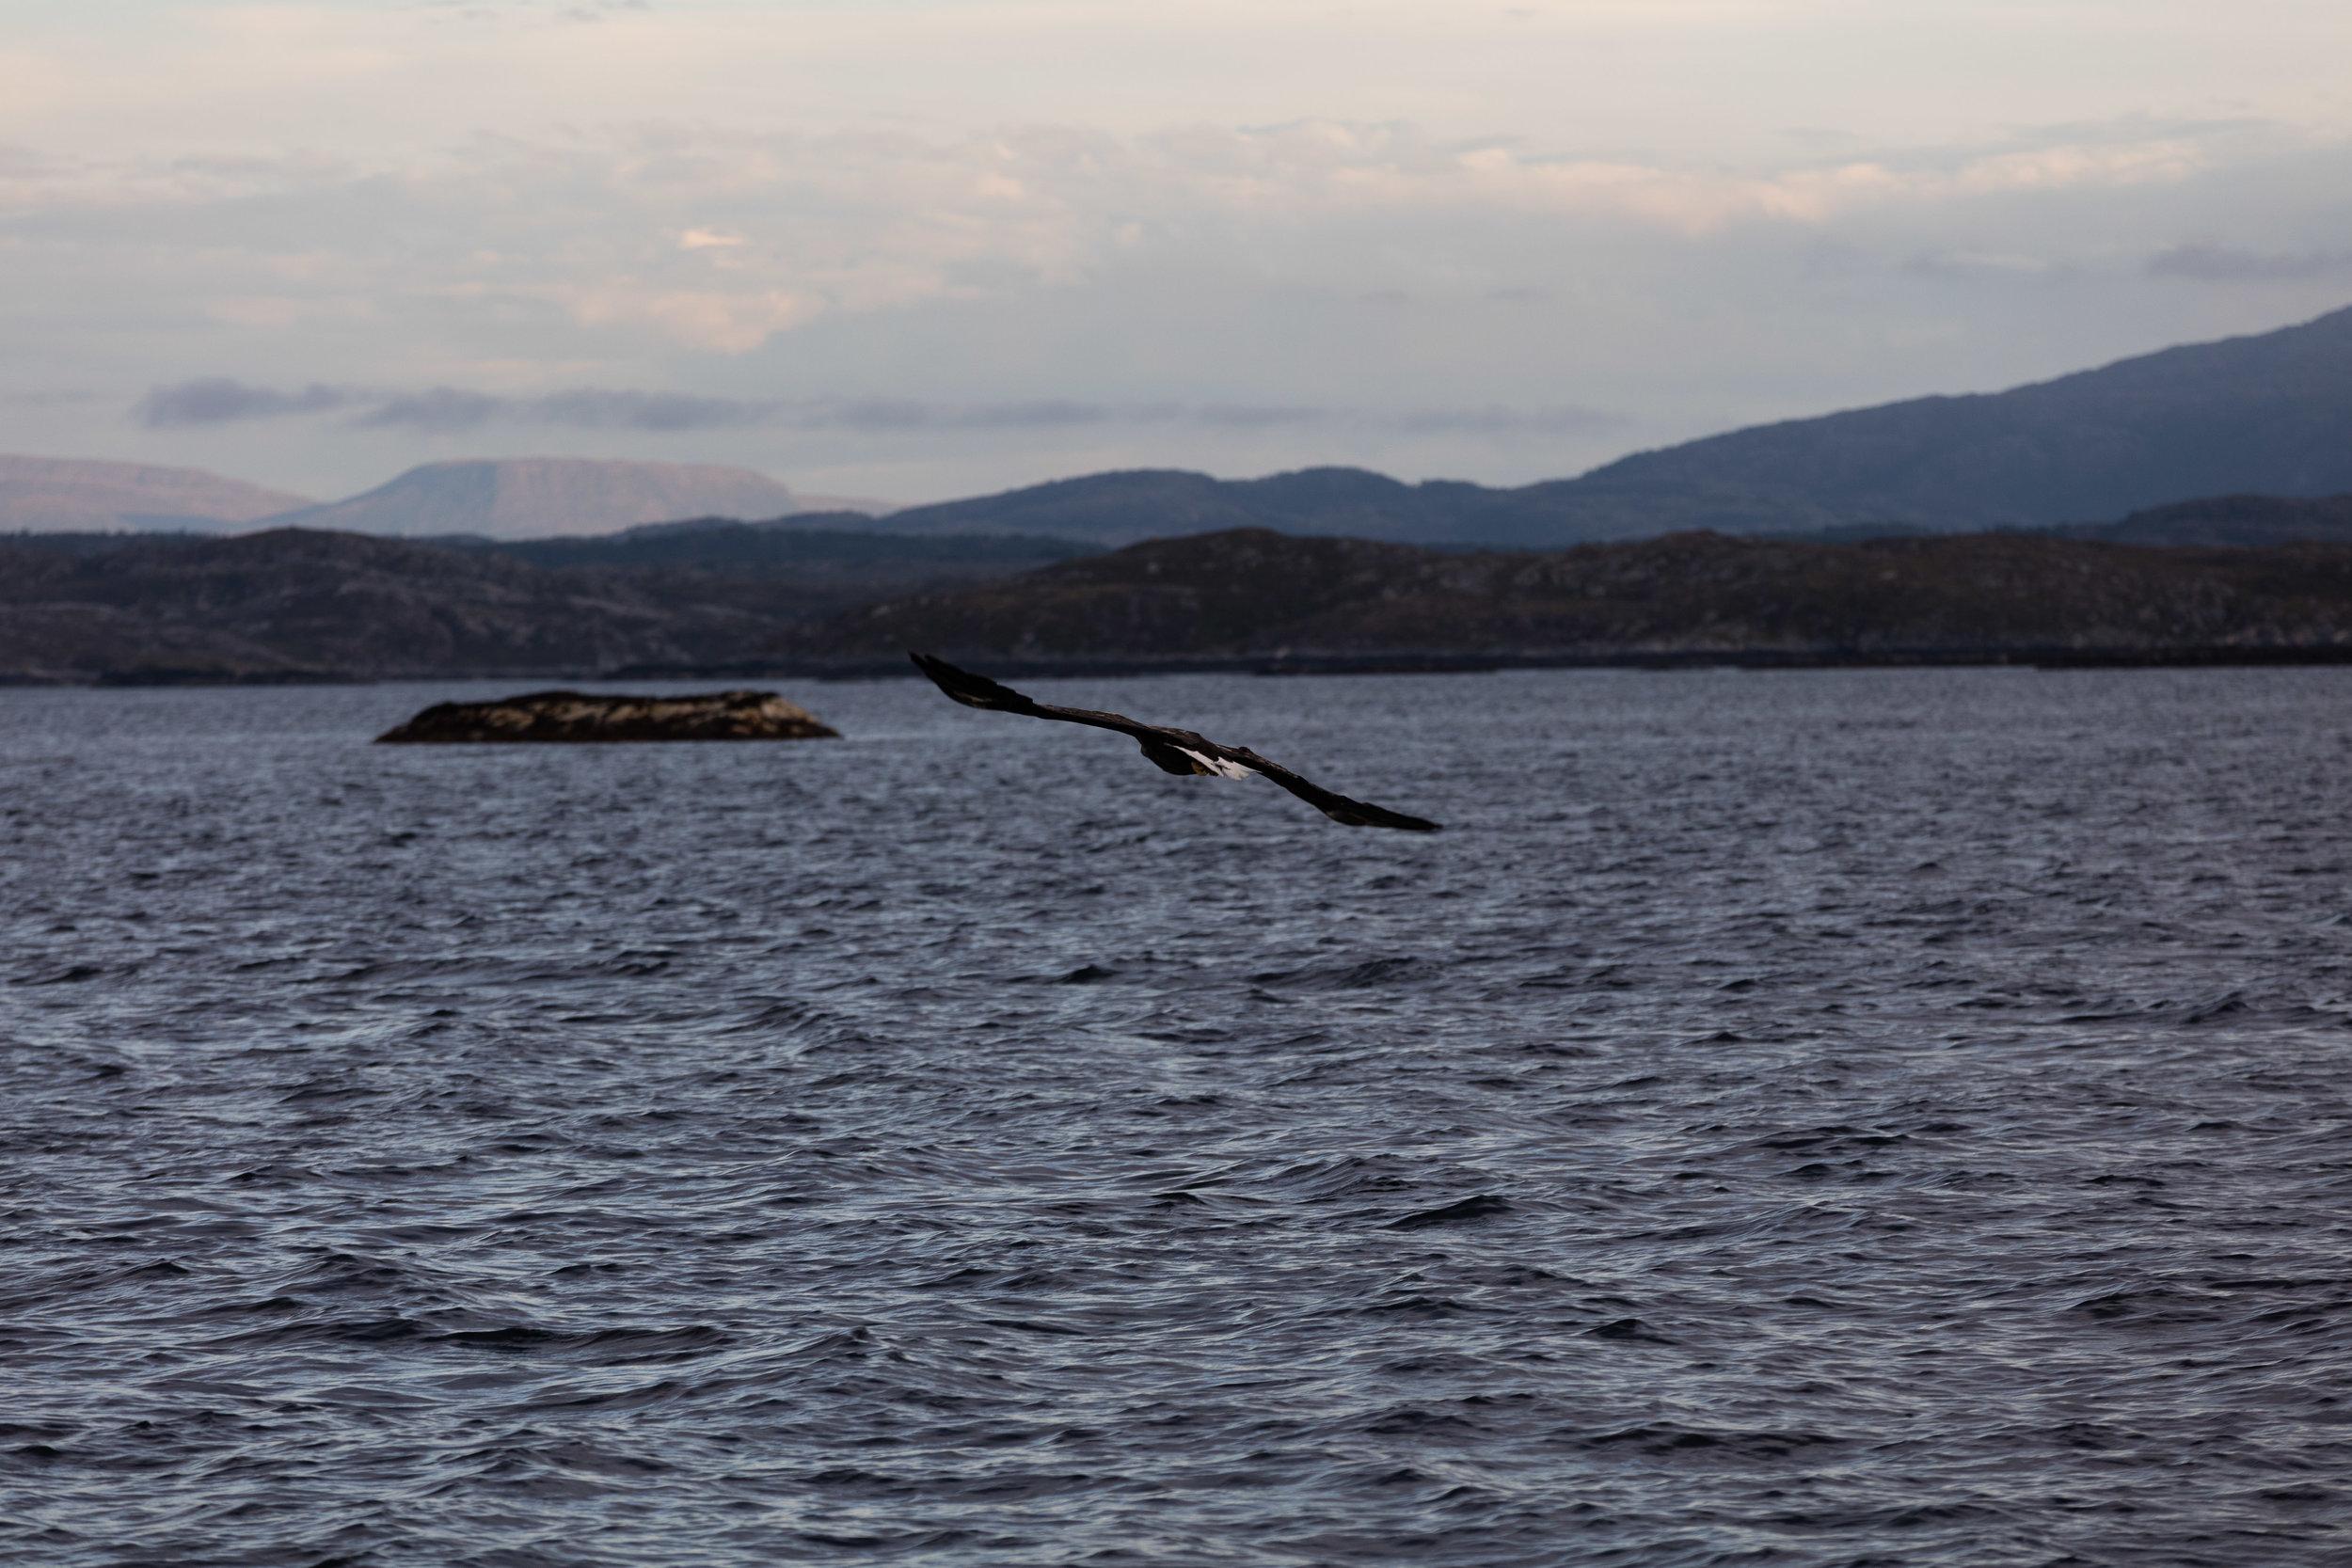 Ørn-Hitra-Norge-norway-fotoknoff-sven-erik-knoff-1155.jpg